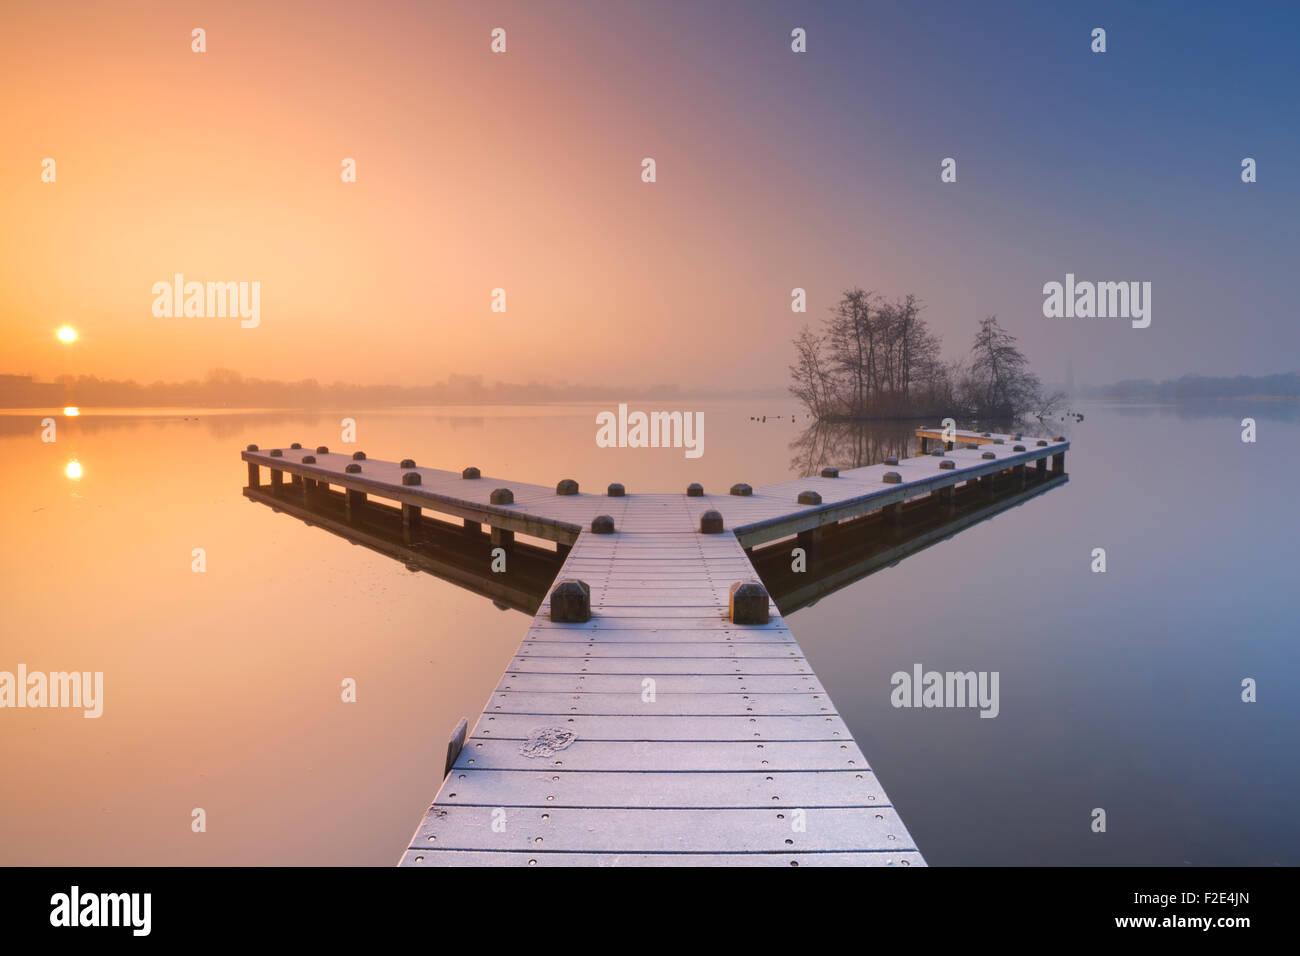 Un gelido jetty di una bella mattinata nebbiosa d'inverno. Fotografato in Amsterdamse Bos (Foresta di Amsterdam) Immagini Stock